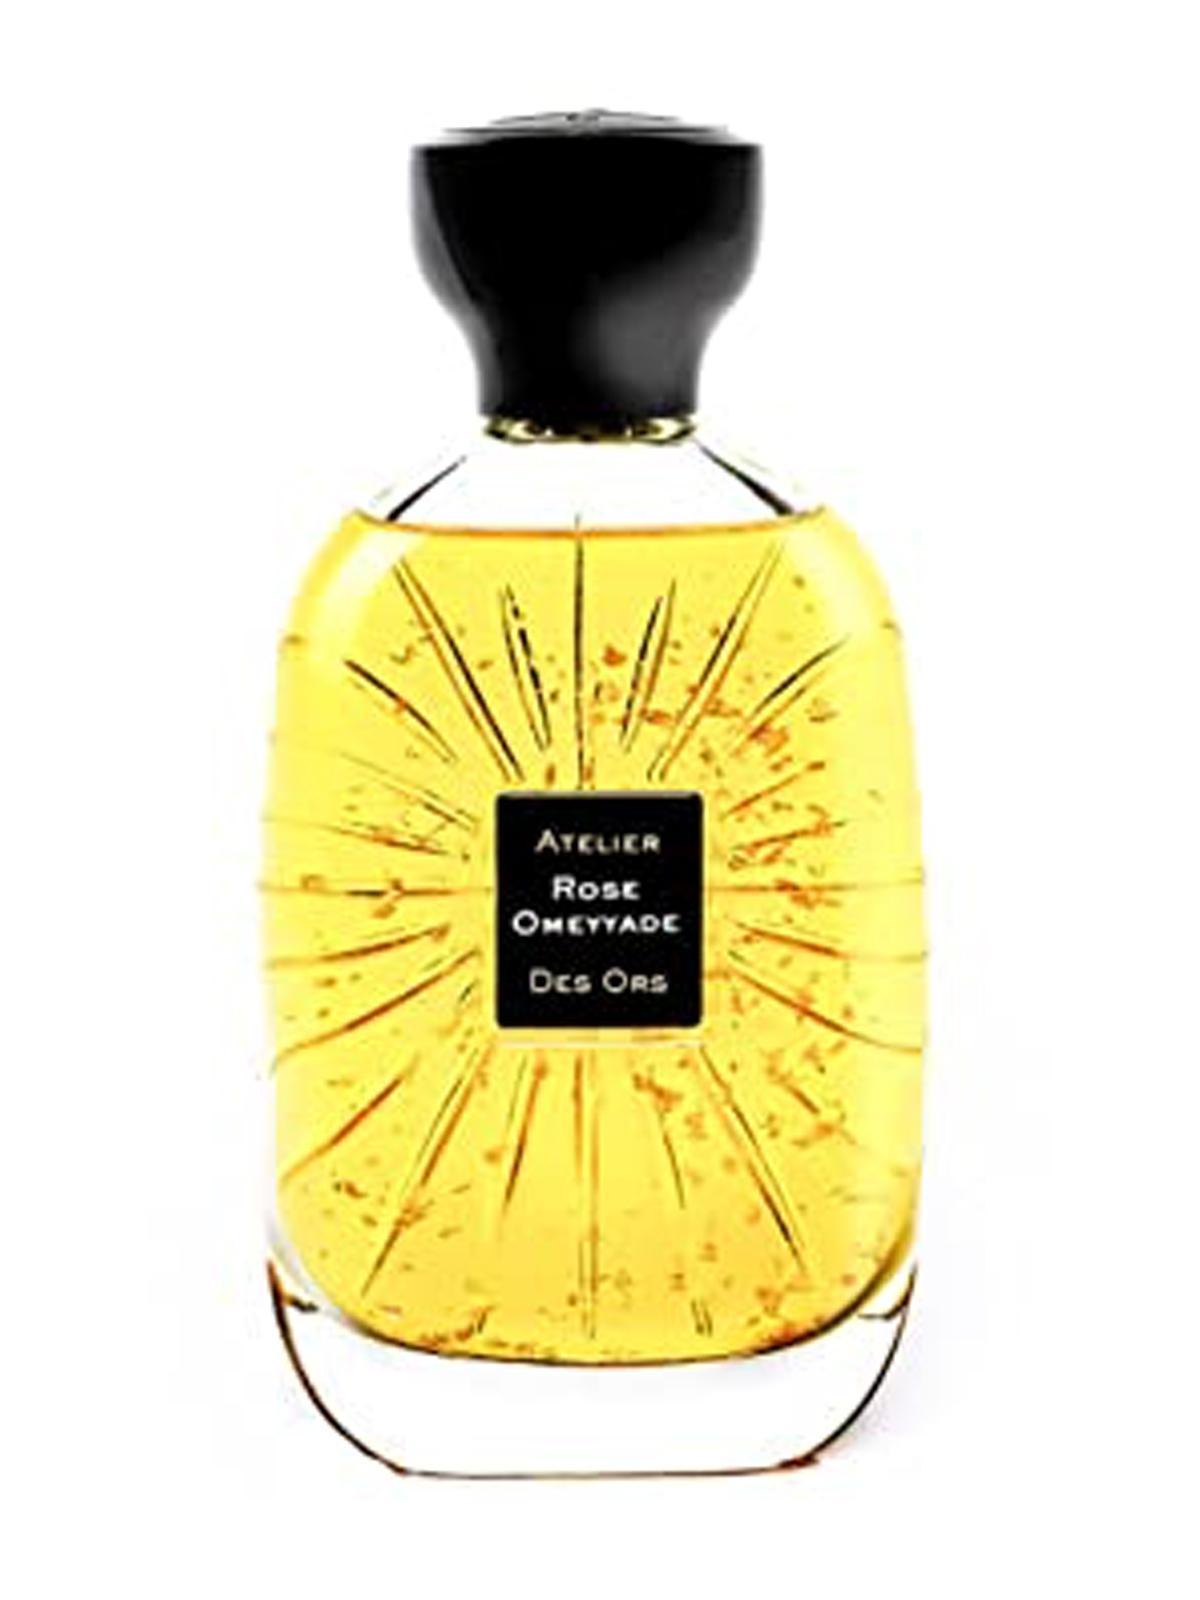 Atelier Des Ors Rose Omeyyade For Unisex Eau De Parfum 100ml